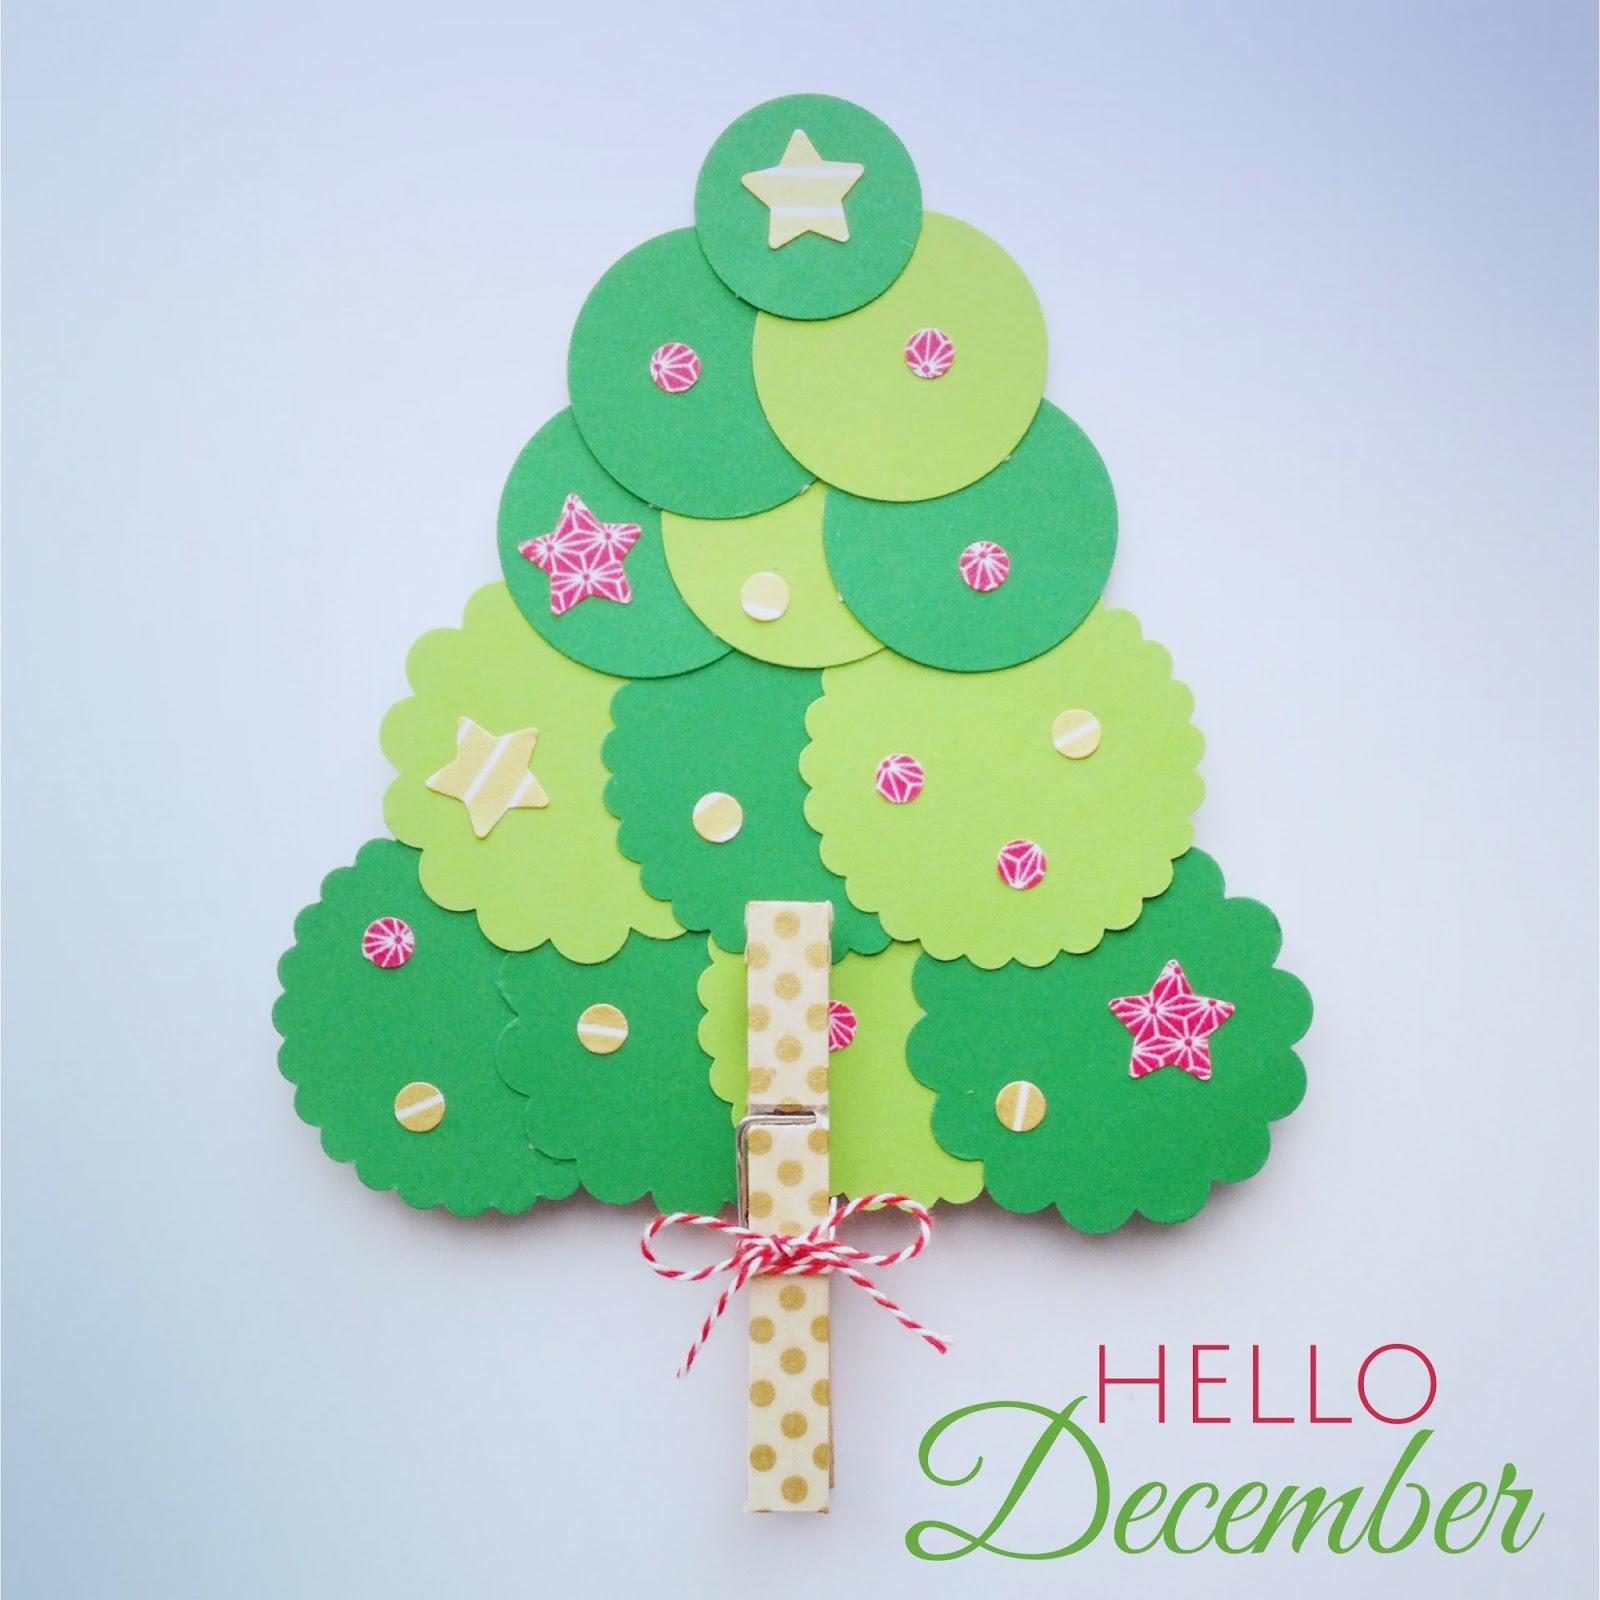 Menta m s chocolate recursos y actividades para - Arbol de navidad en ingles ...